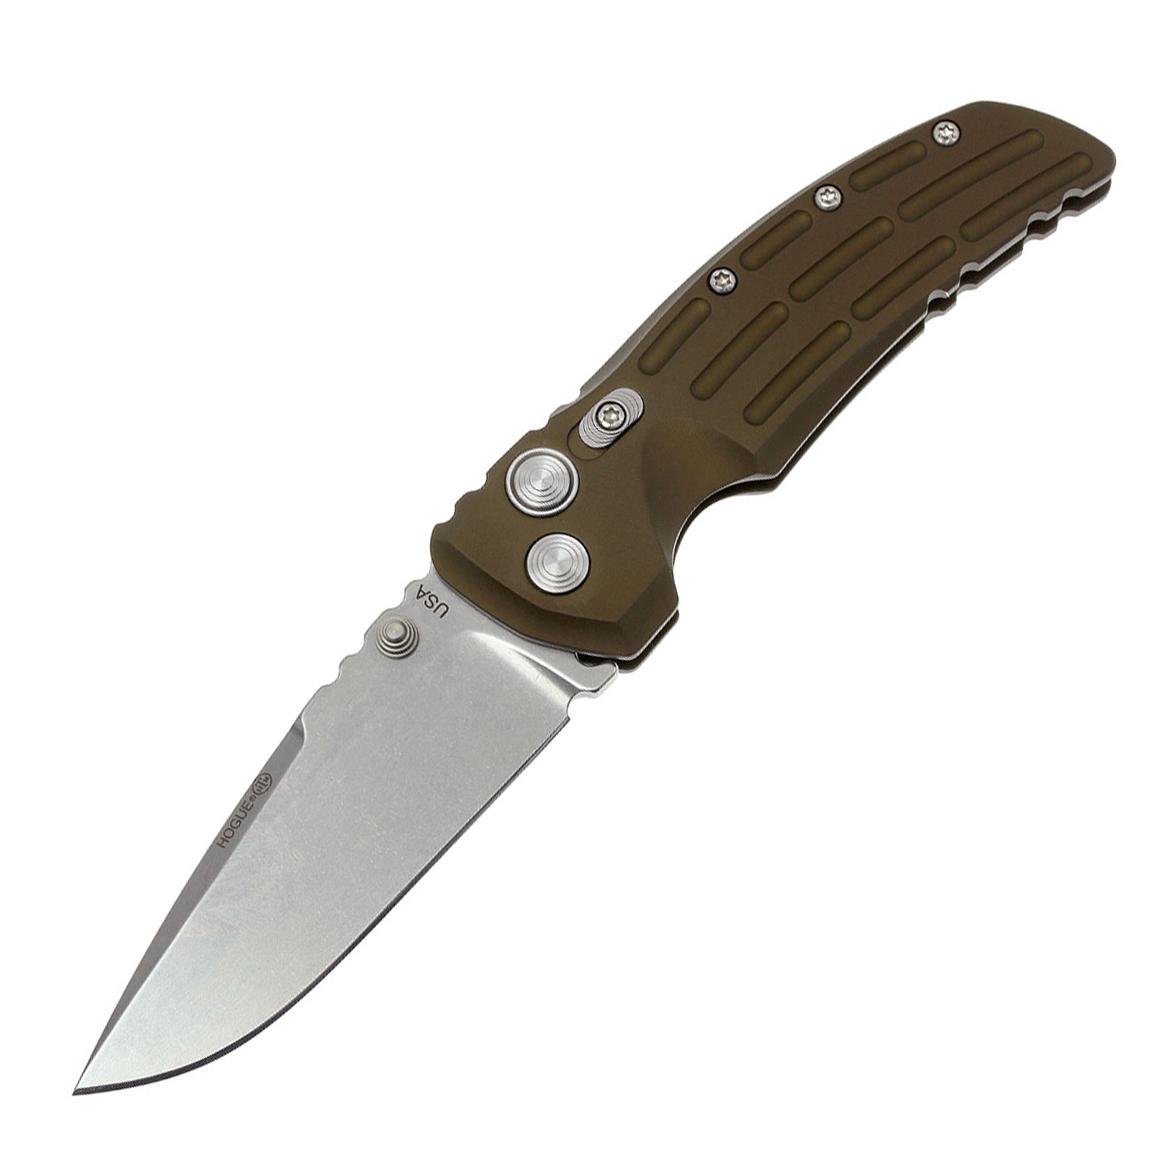 Нож складной Hogue EX-01 Drop Point, сталь 154CM, рукоять алюминиевый сплав, зеленый